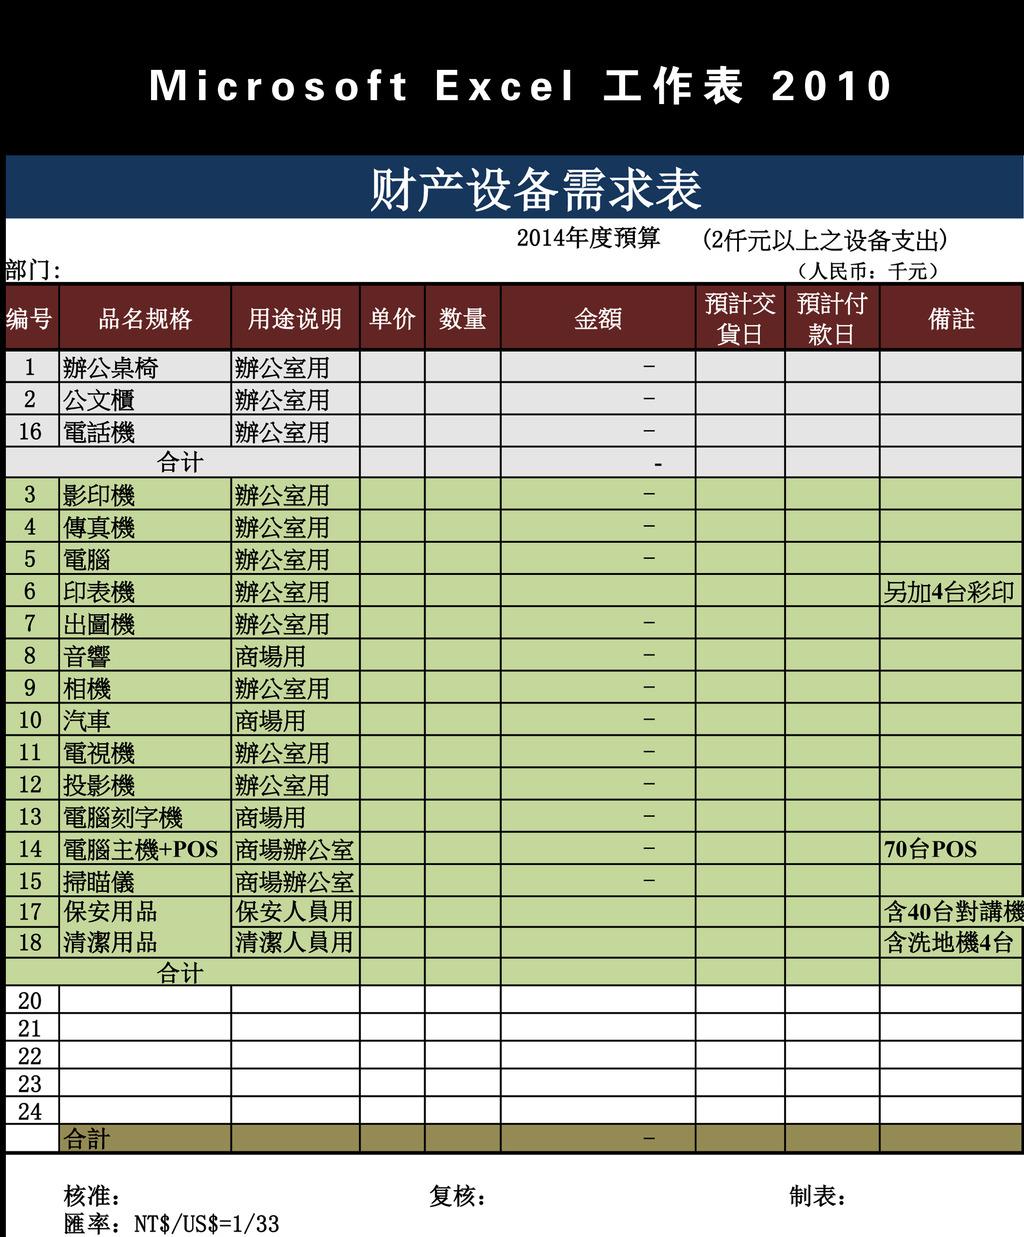 模板图片下载 公司企业财产设备需求预算表 办公用品设备预算清单